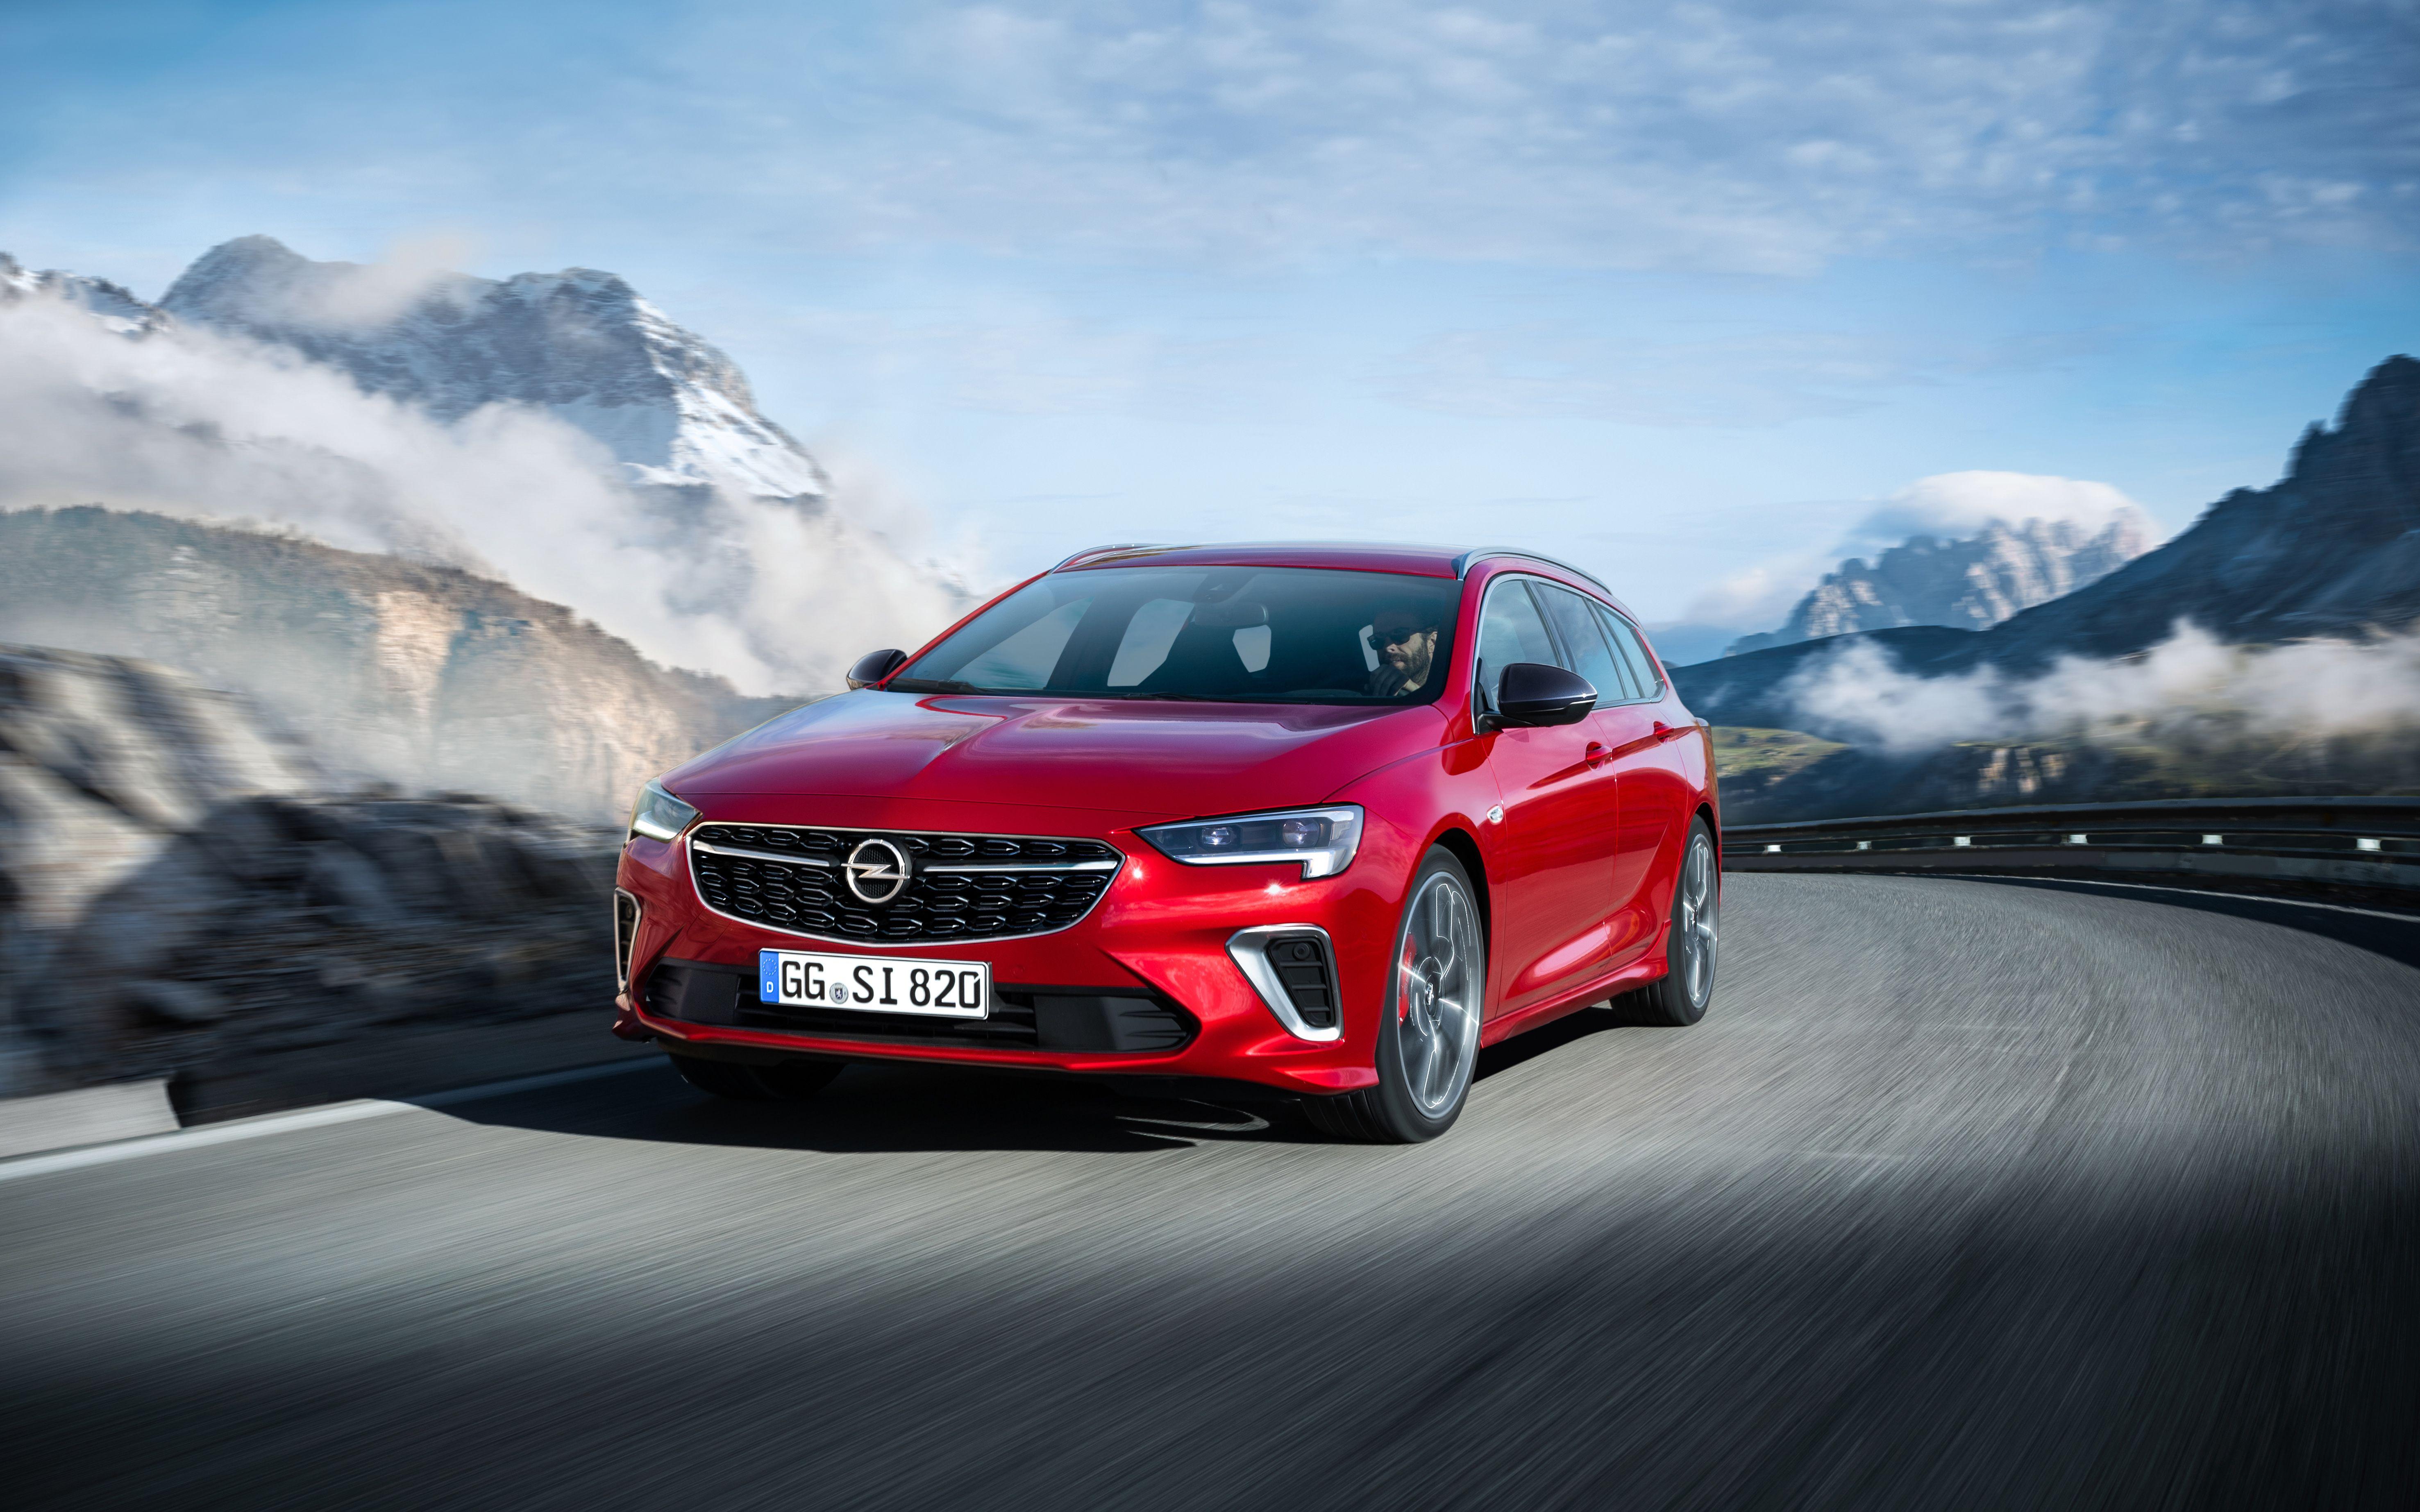 Opel показав топову версію Insignia –GSi з 230-сильним мотором та повним приводом